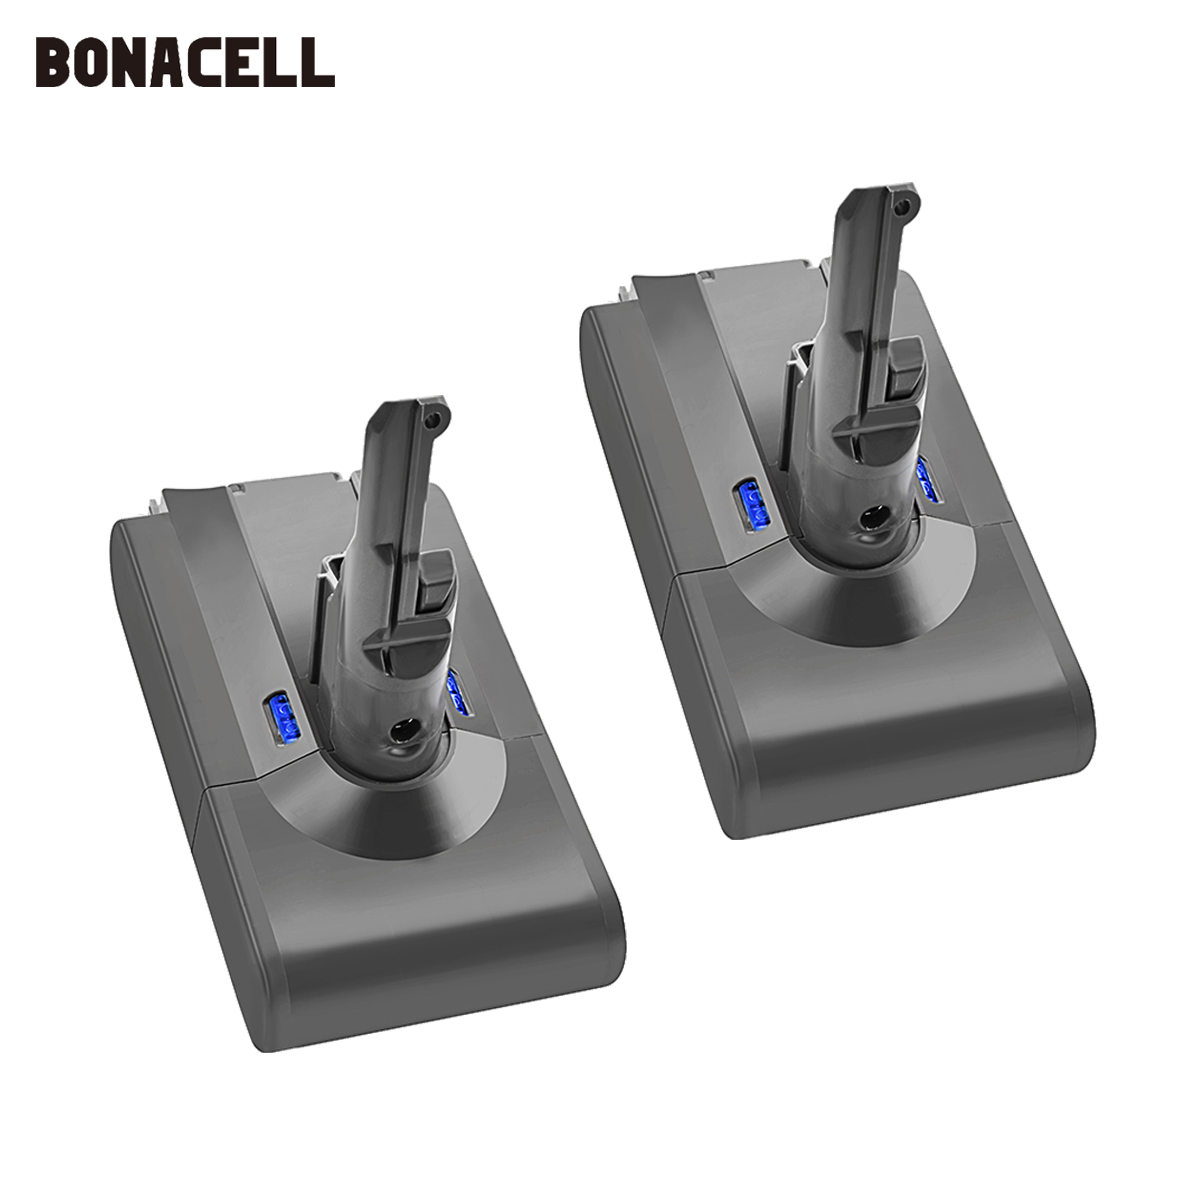 Bonacell v8 4000mah 21.6v bateria para dyson v8 bateria absoluta v8 animal li-ion sv10 aspirador de pó bateria recarregável l70